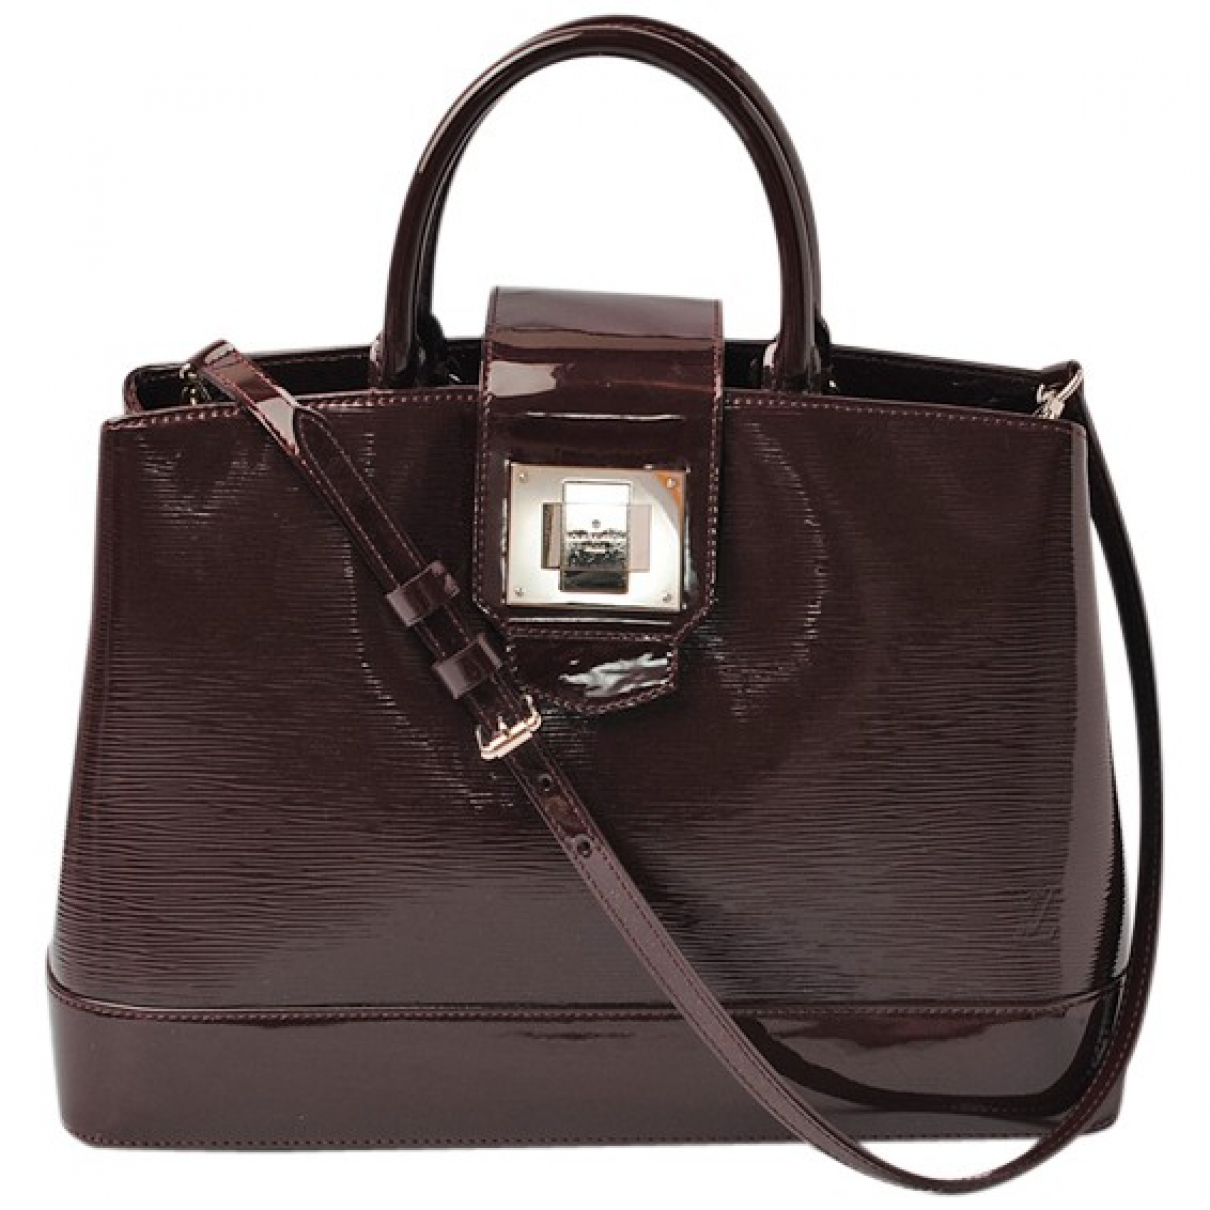 Louis Vuitton - Sac a main   pour femme en cuir verni - marron